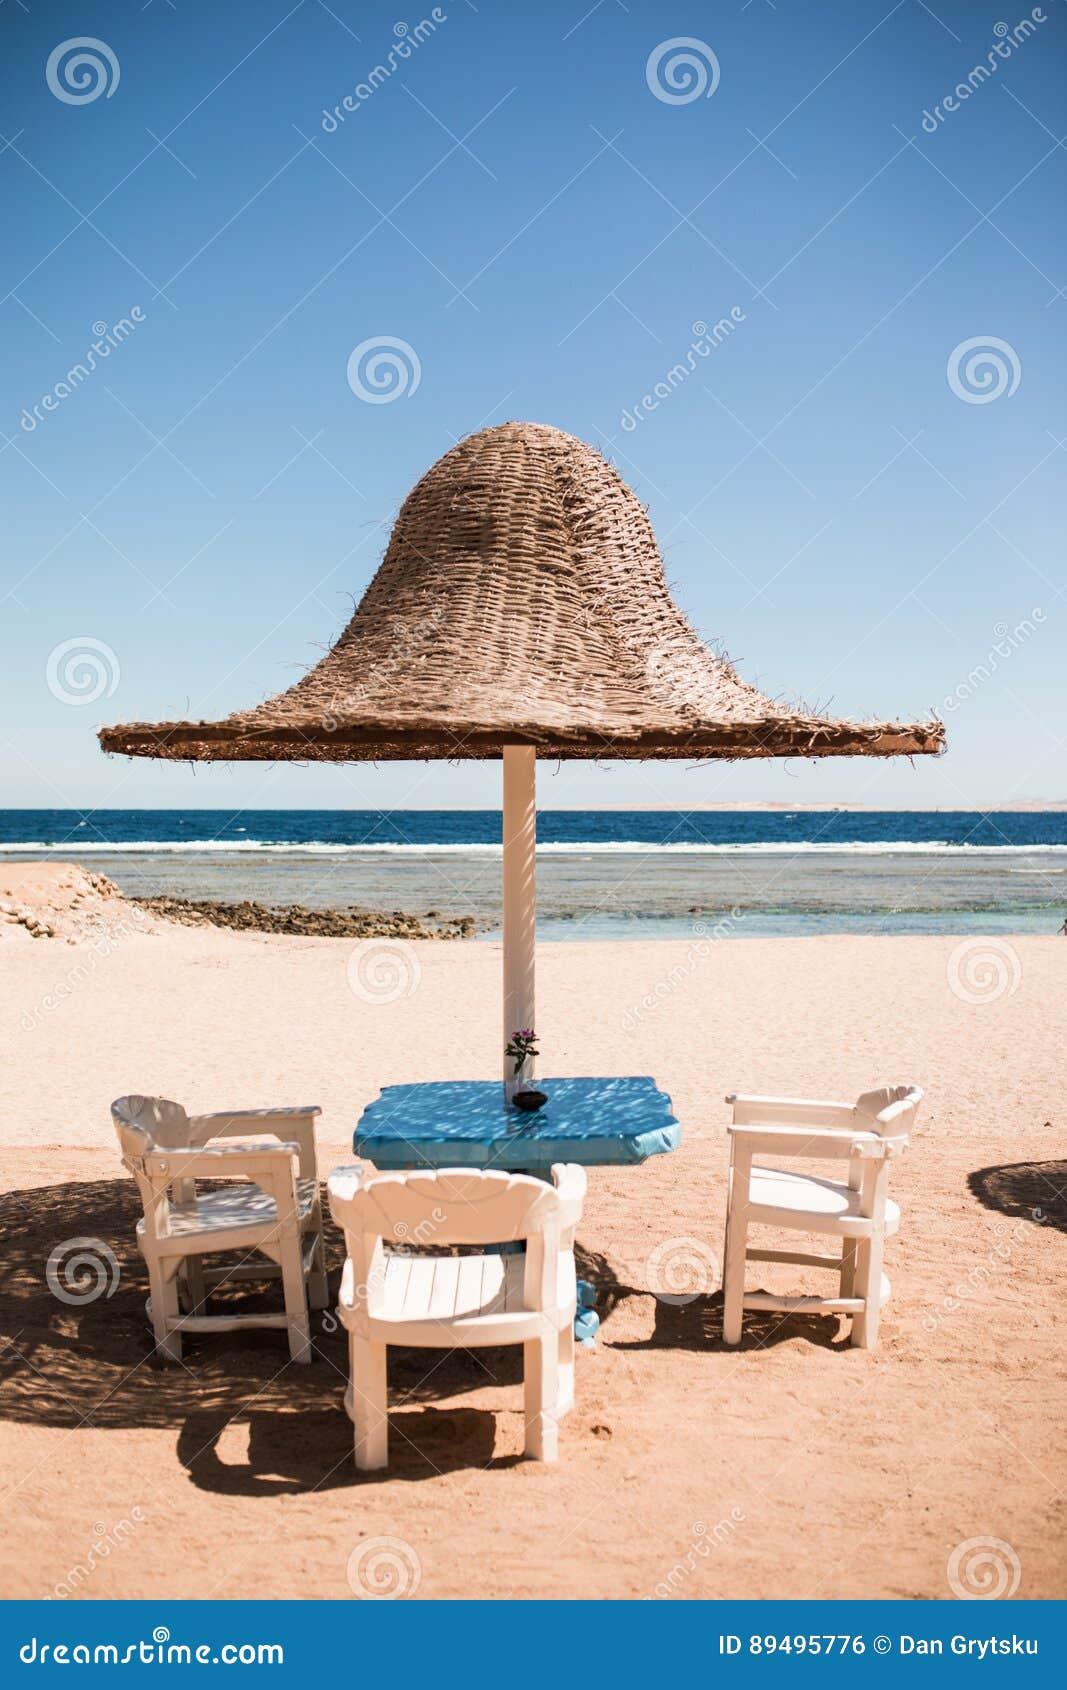 Vacances de vacances trois chaises longues de plage sous la tente sur la plage